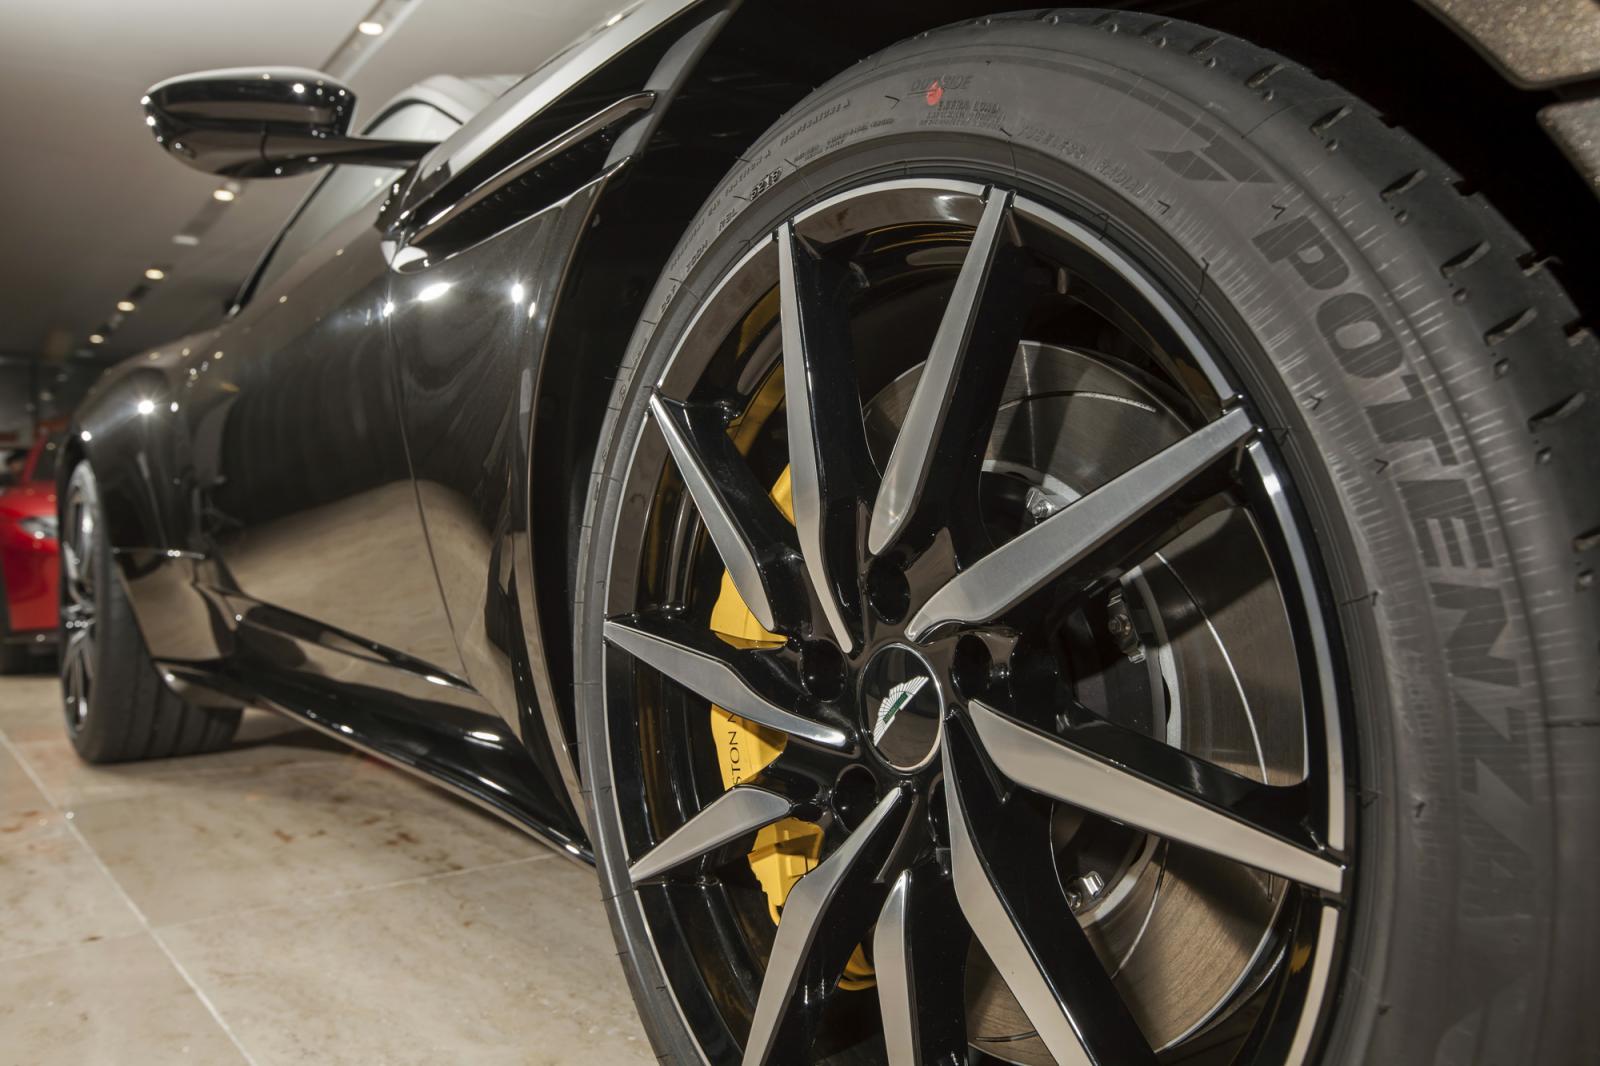 Ngắm siêu xe Aston Martin DB11 màu Kopi Bronze độc nhất Việt Nam đã có mặt tại đại lý 7a